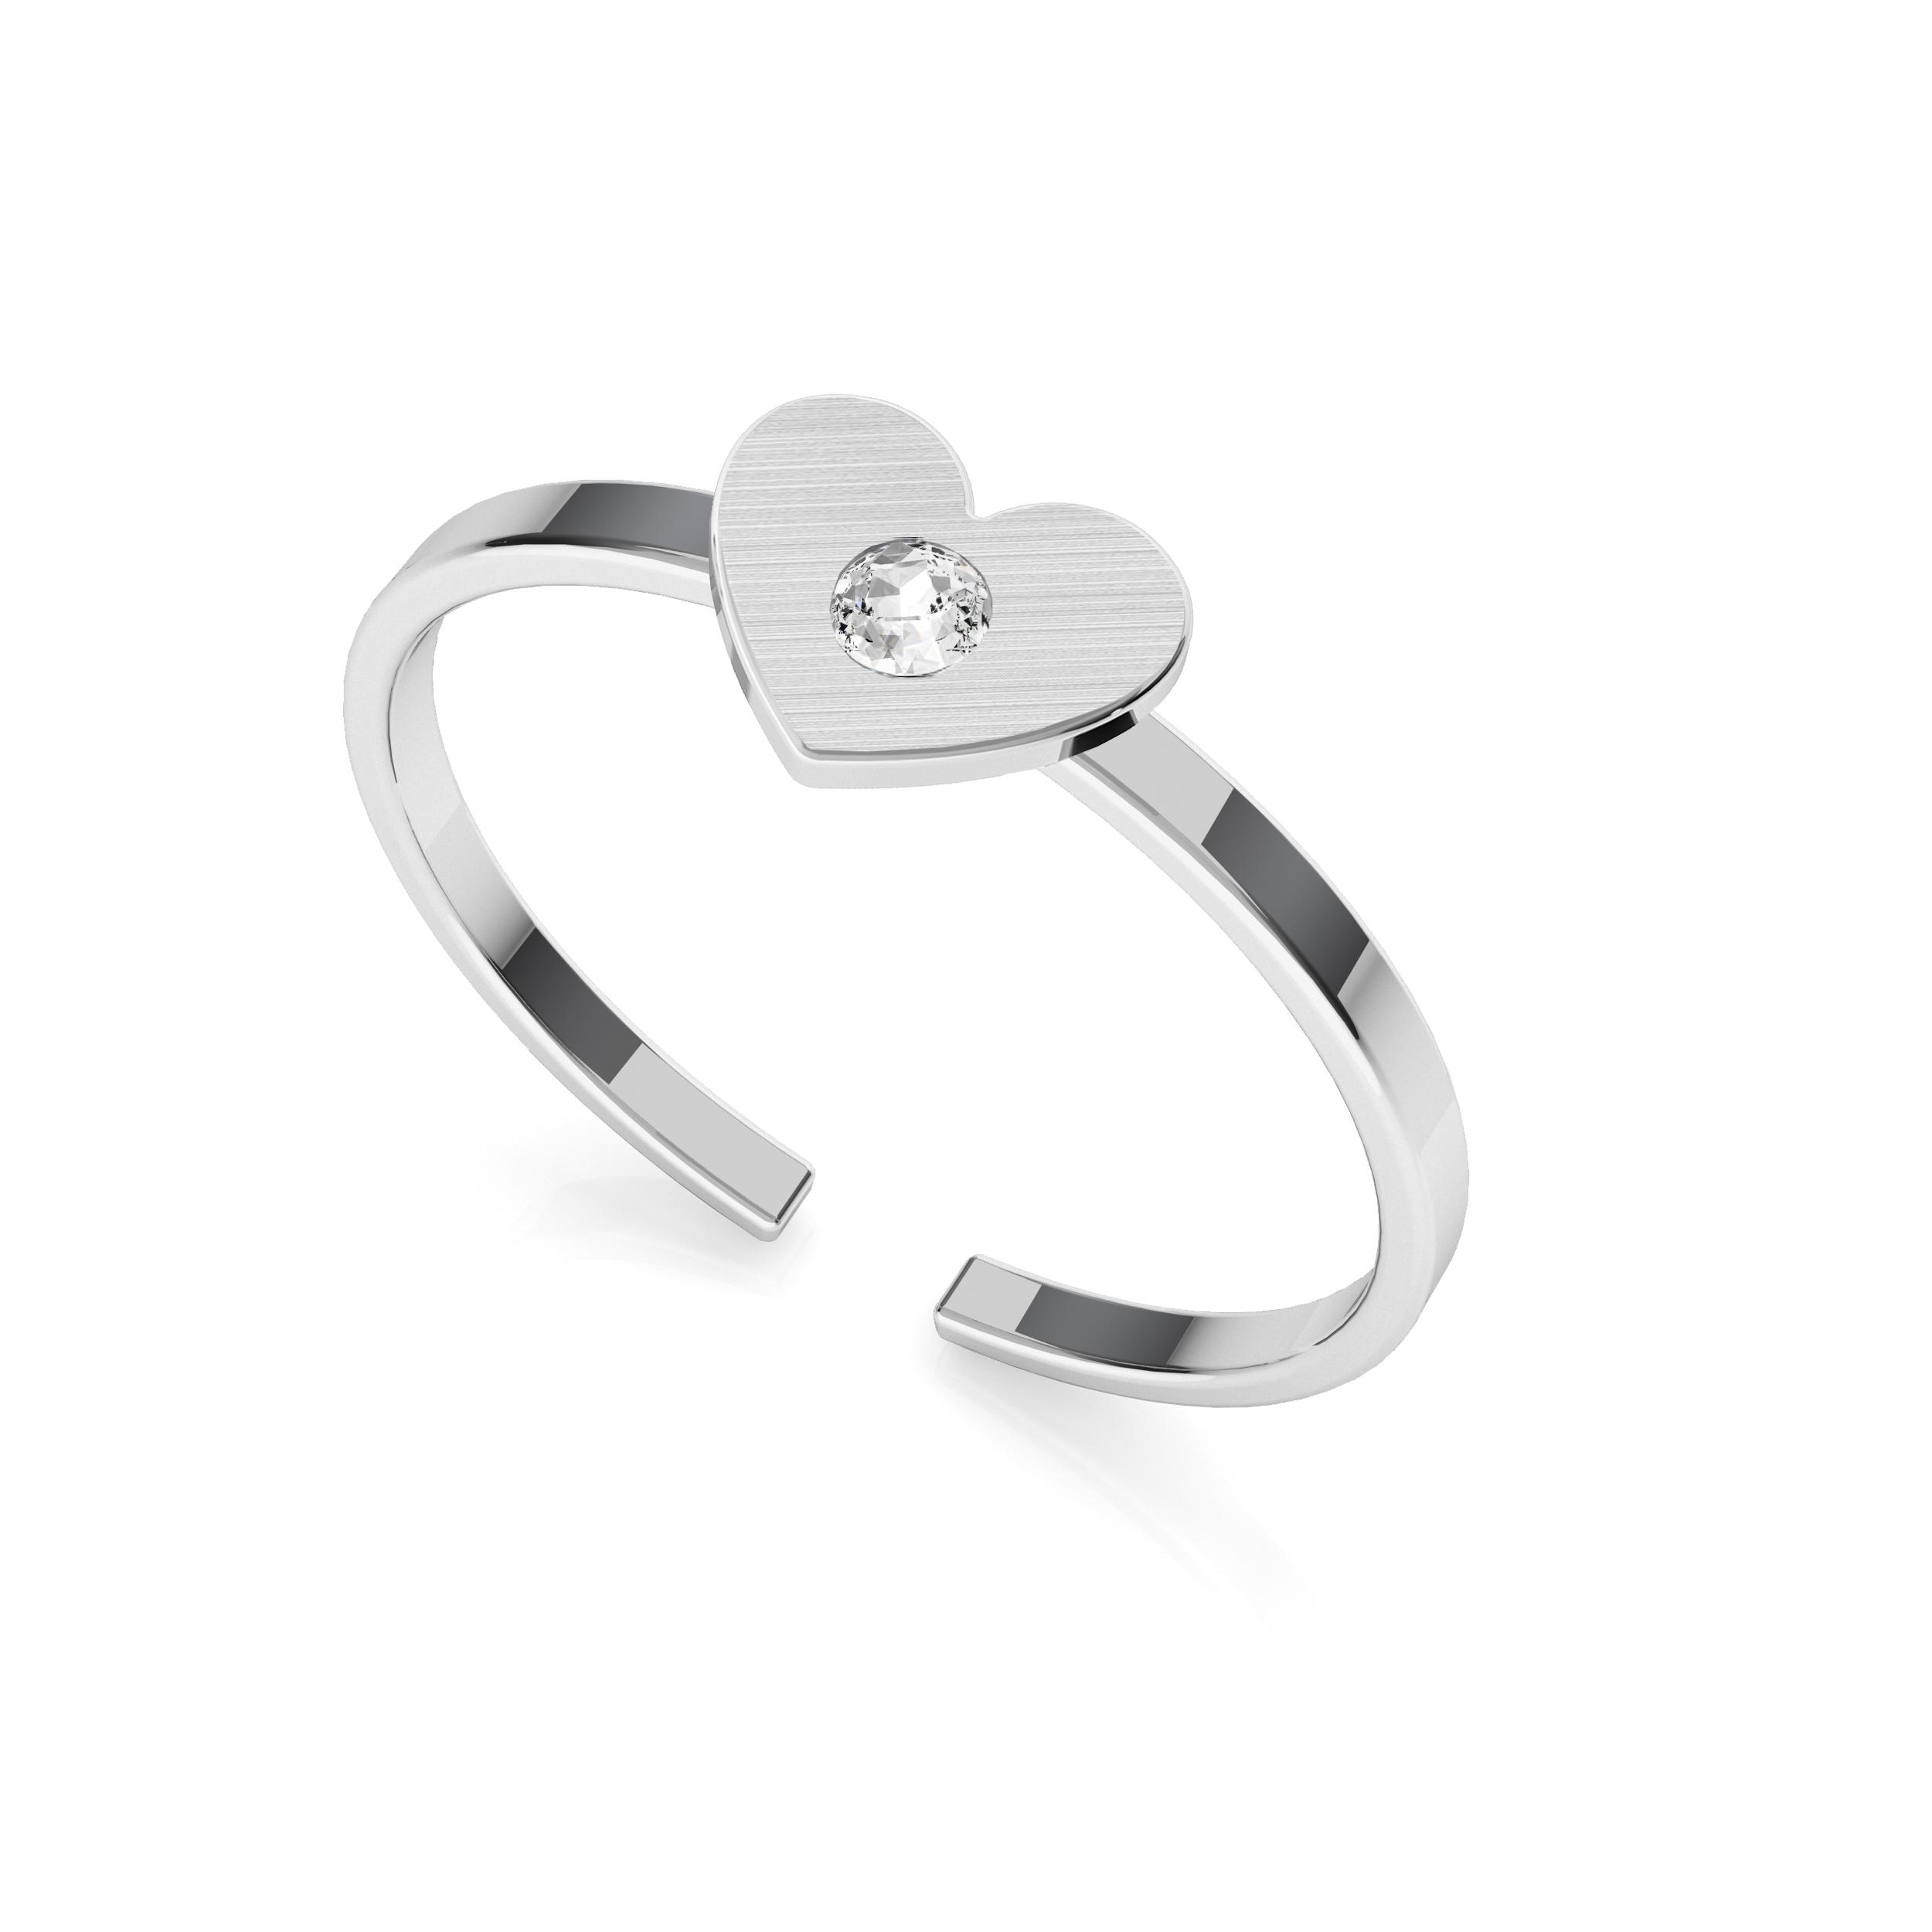 Anillos de separador, plata 925 My RING™